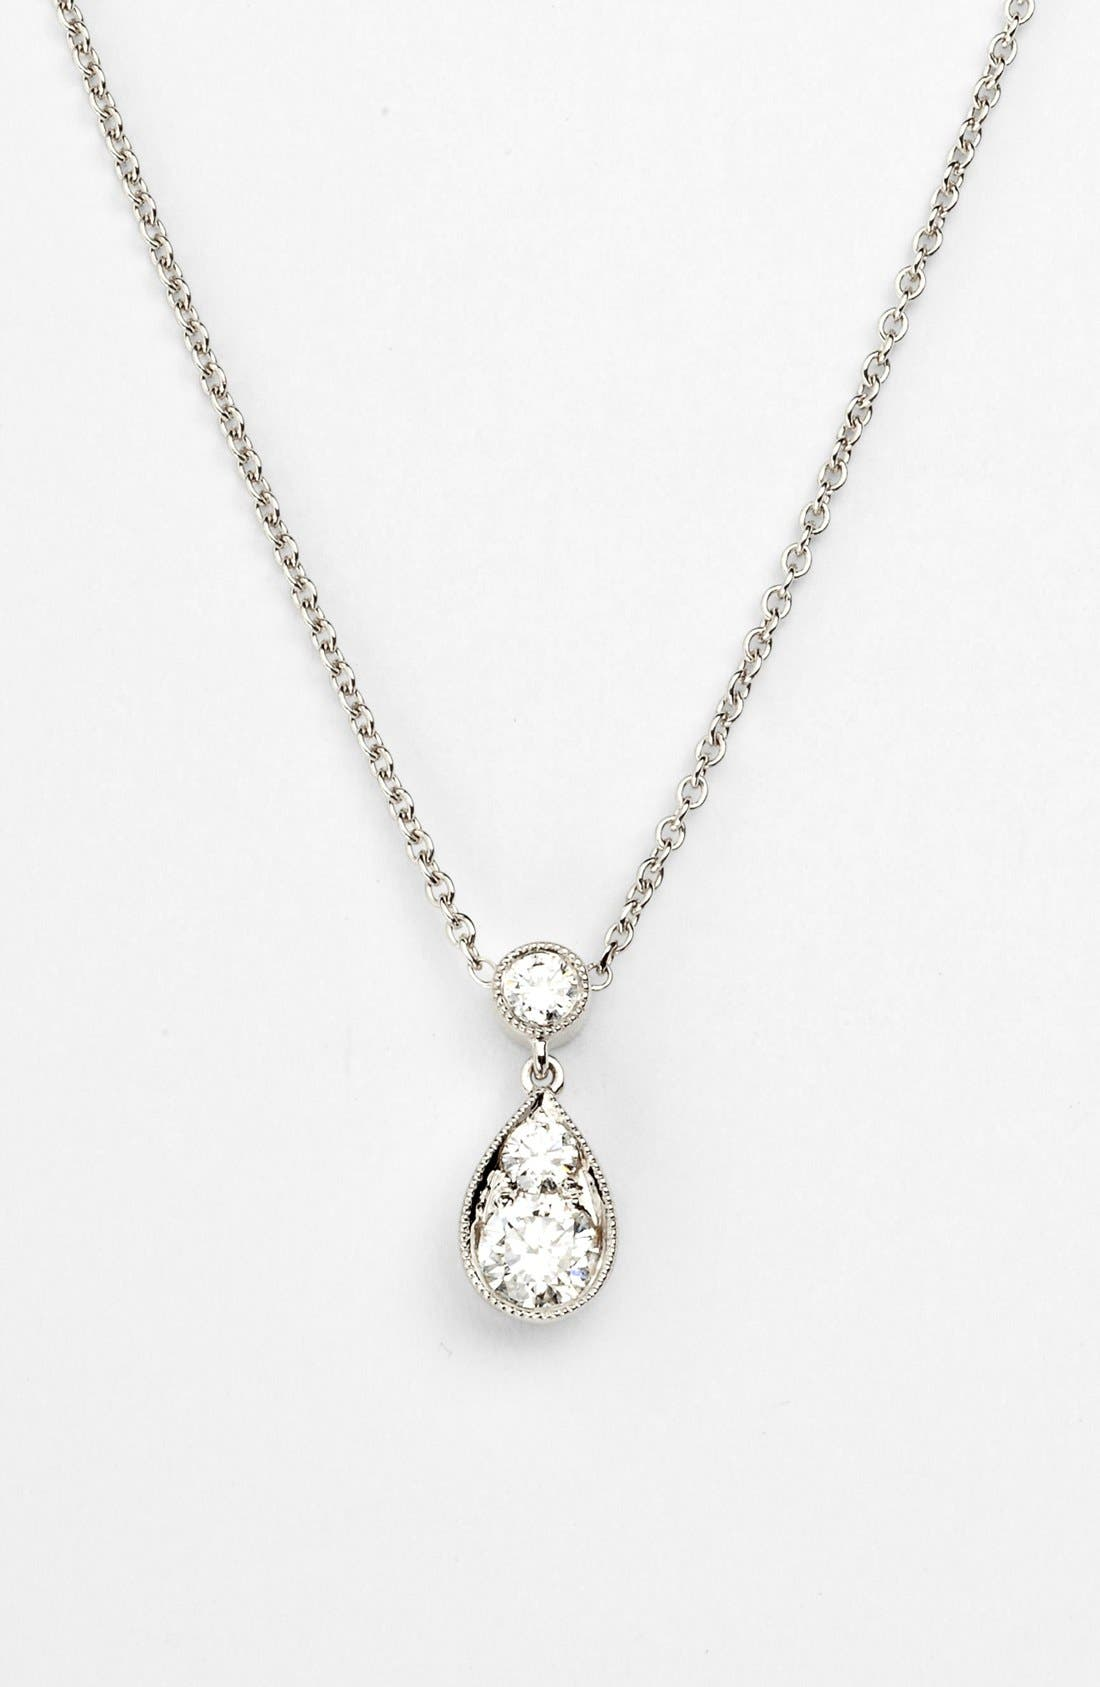 Alternate Image 1 Selected - Kwiat 'Sunburst' Diamond Teardrop Pendant Necklace